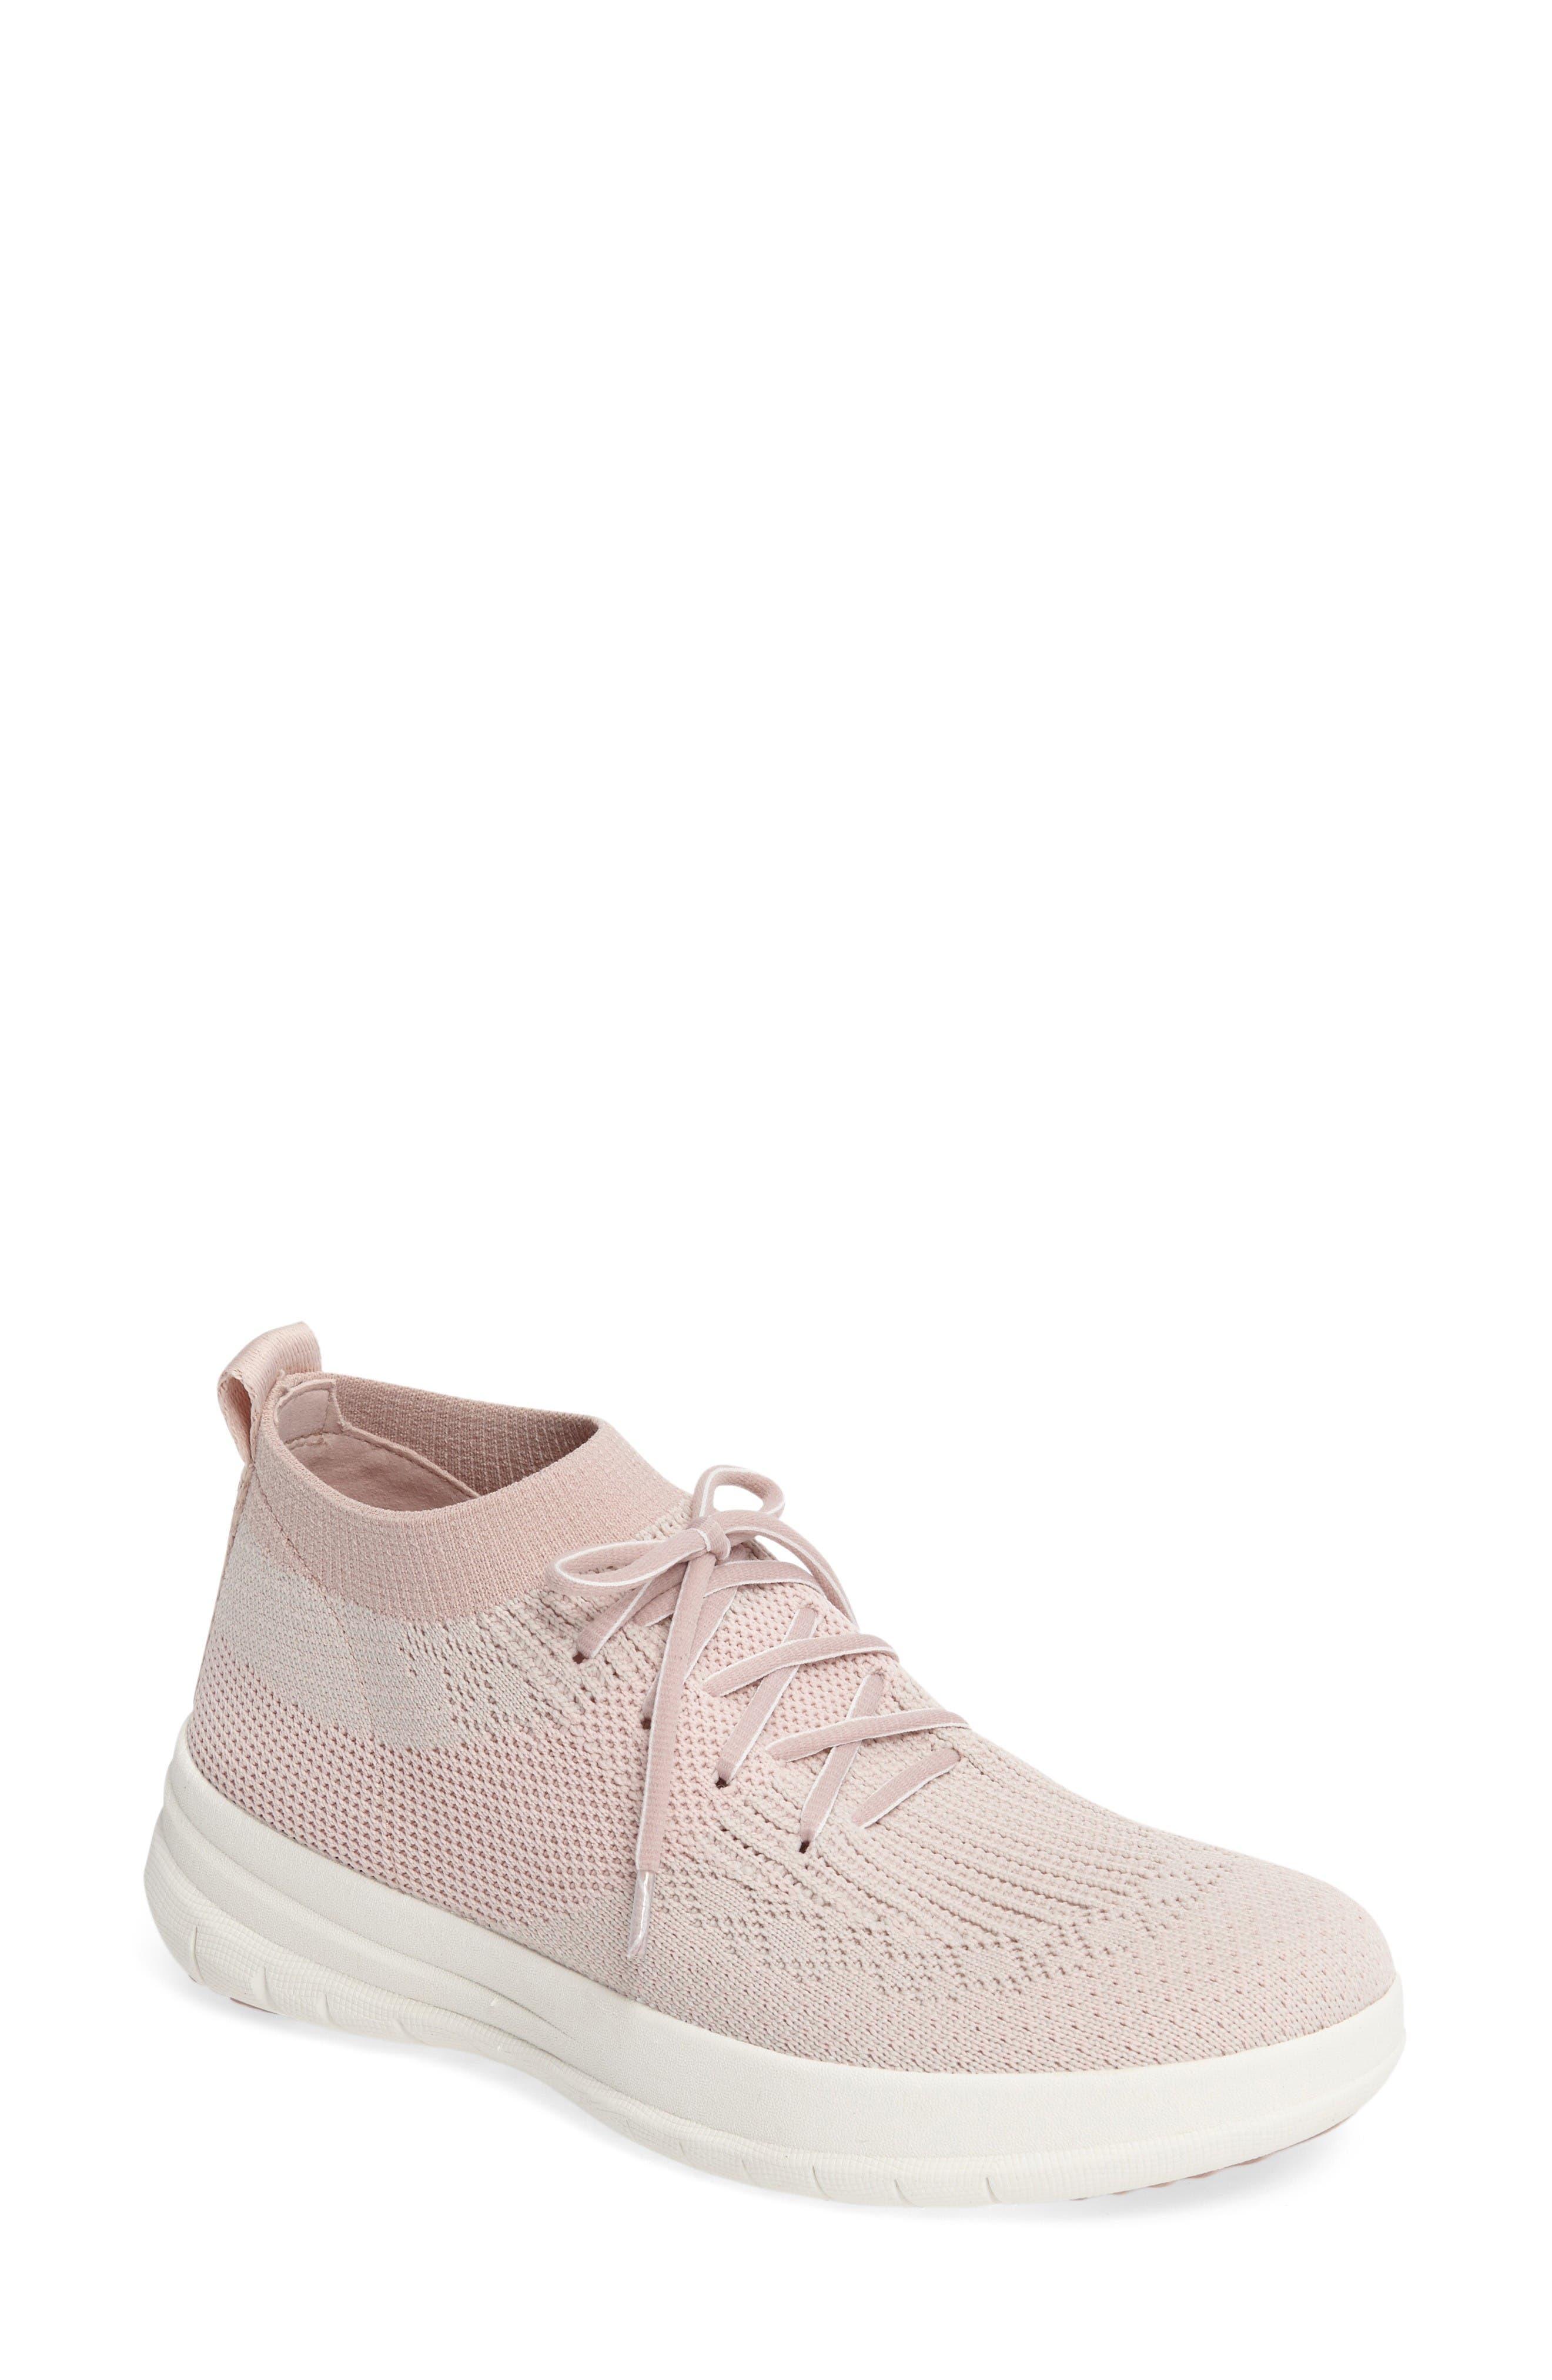 FitFlop Überknit High Top Sneaker (Women)